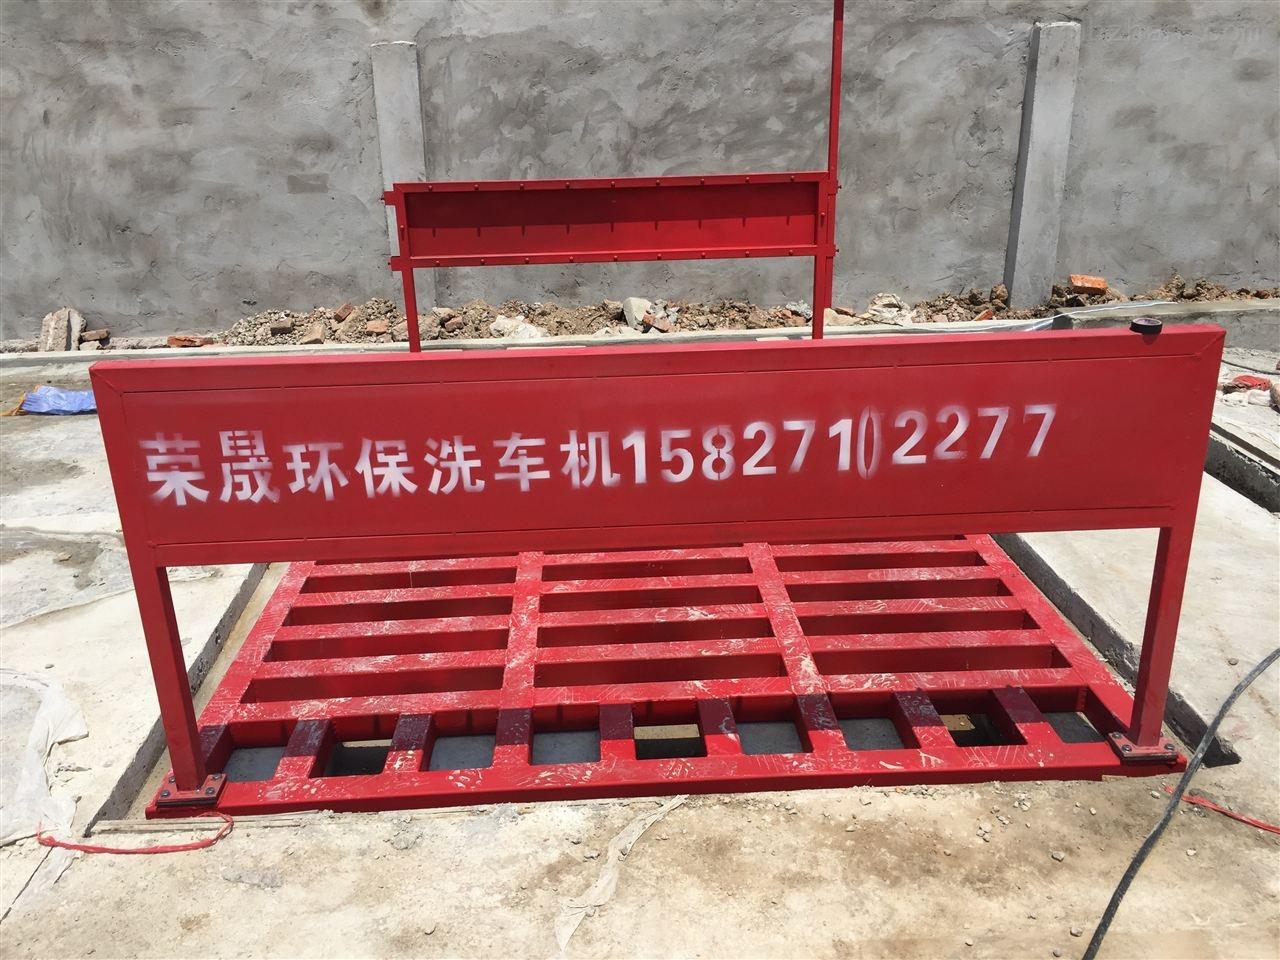 吕梁煤矿运输车辆洗轮机